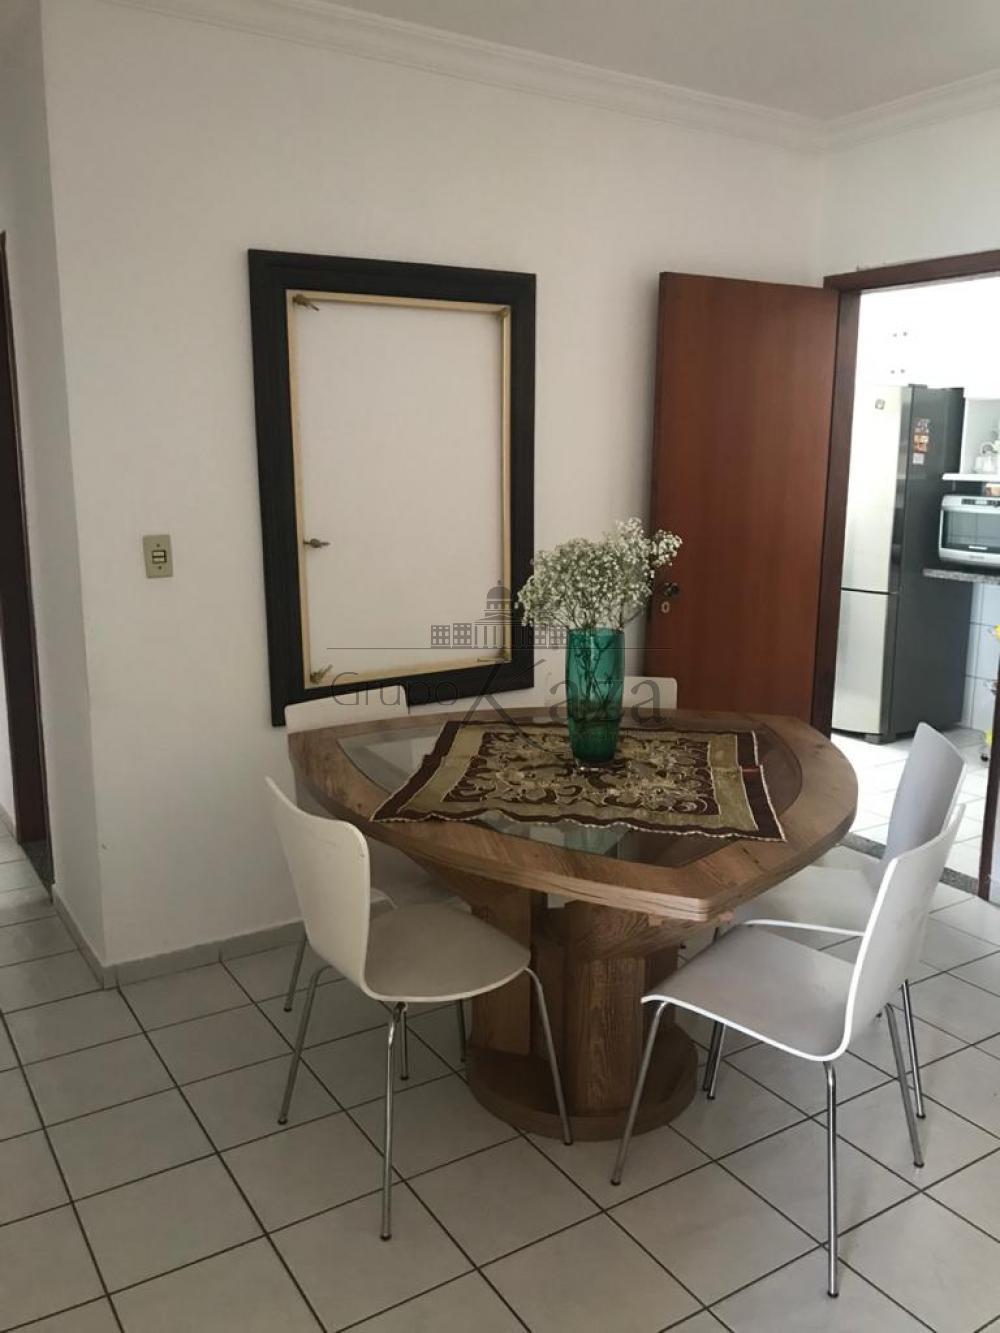 alt='Comprar Apartamento / Padrão em São José dos Campos R$ 595.000,00 - Foto 1' title='Comprar Apartamento / Padrão em São José dos Campos R$ 595.000,00 - Foto 1'